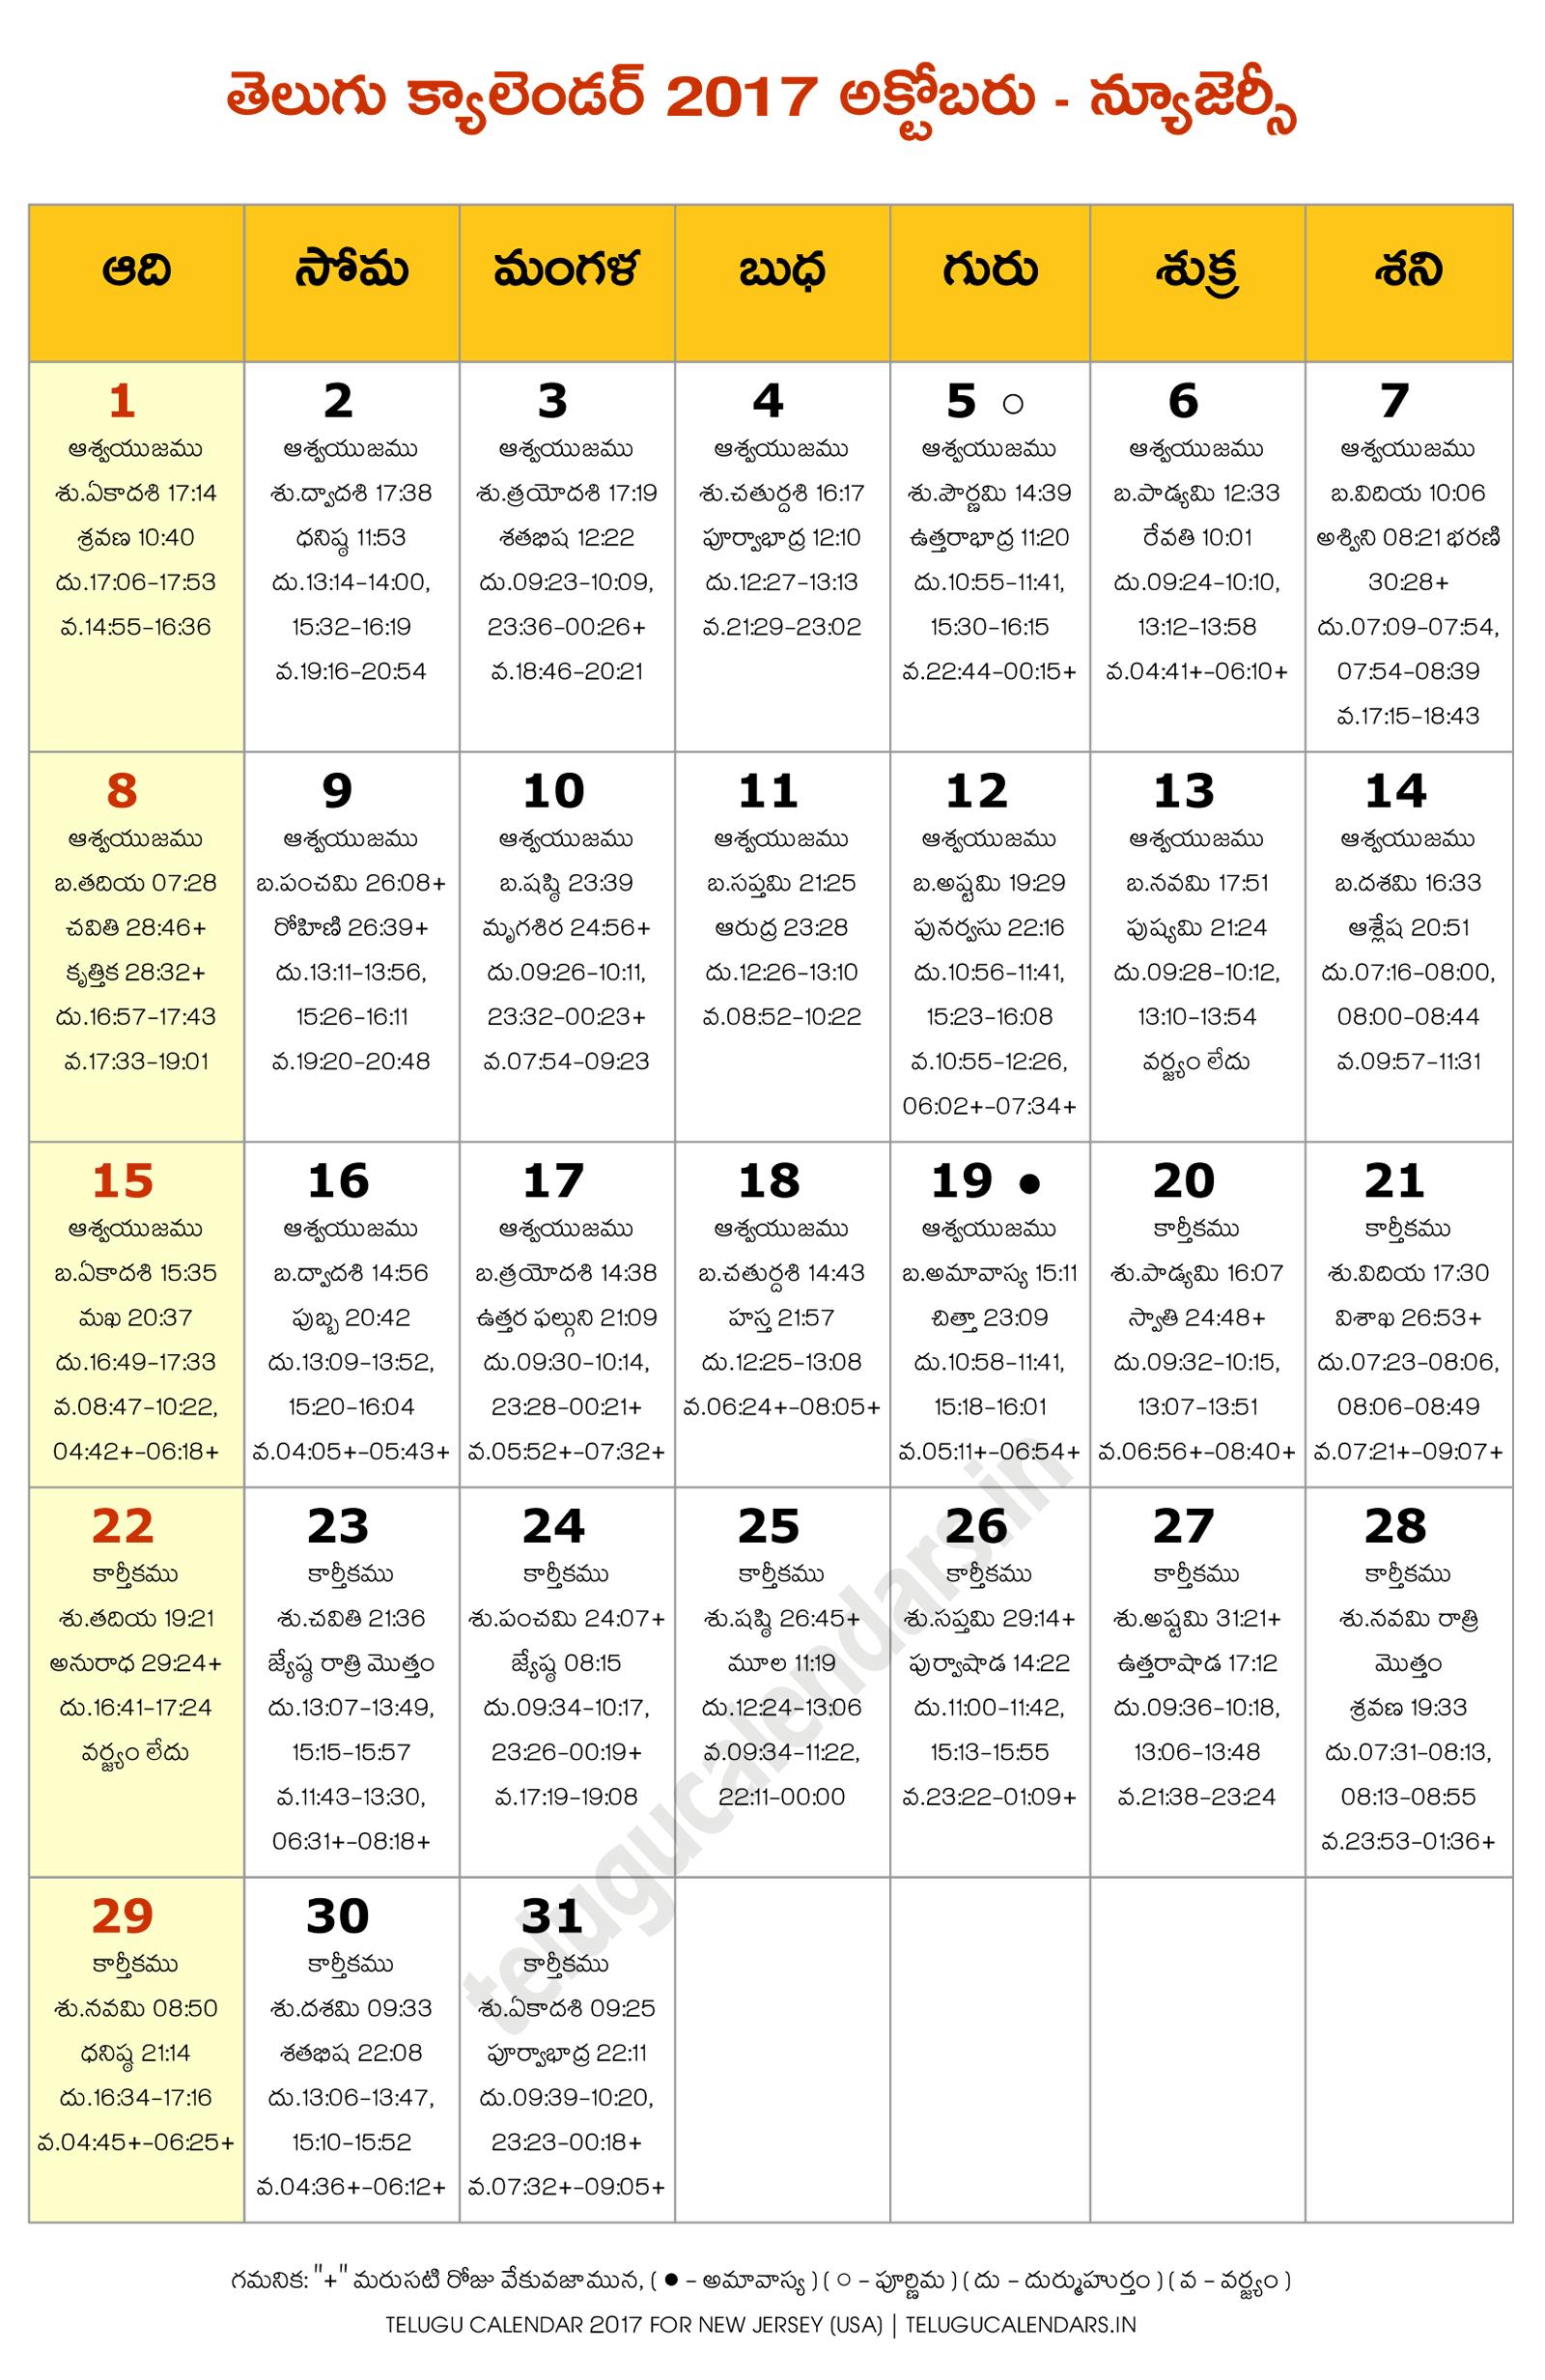 2017 - Wikipedia